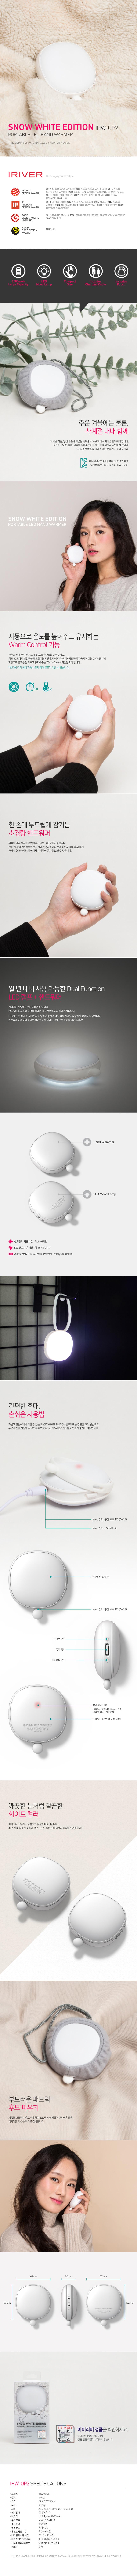 1. 심플한 디자인 및 깔끔한 화이트 컬러. 2. 손난로 , LED 램프 2 in 1 제품. 3. 최고 52도의 발열온도. 4. 1분만에 발열. 빠른 발열속도. 5. 핸드워머 사용시간 : 3~6시간 6. LED 램프 사용시간 : 16~30시간 7. 제품 충전시간 : 약 2시간